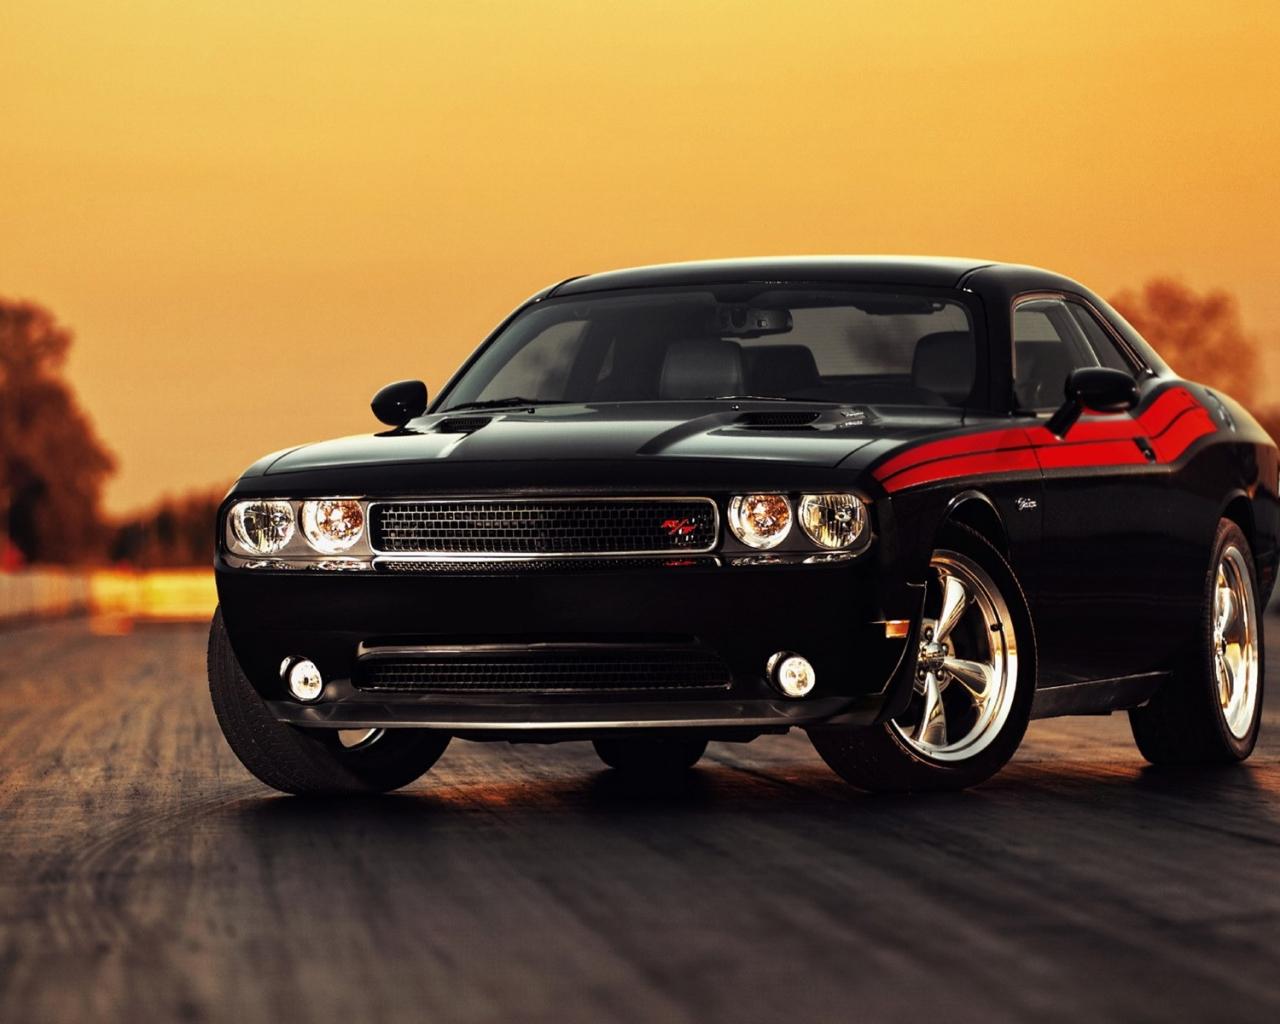 Dodge Challenger negro hd 1280x1024   imagenes   wallpapers gratis 1280x1024